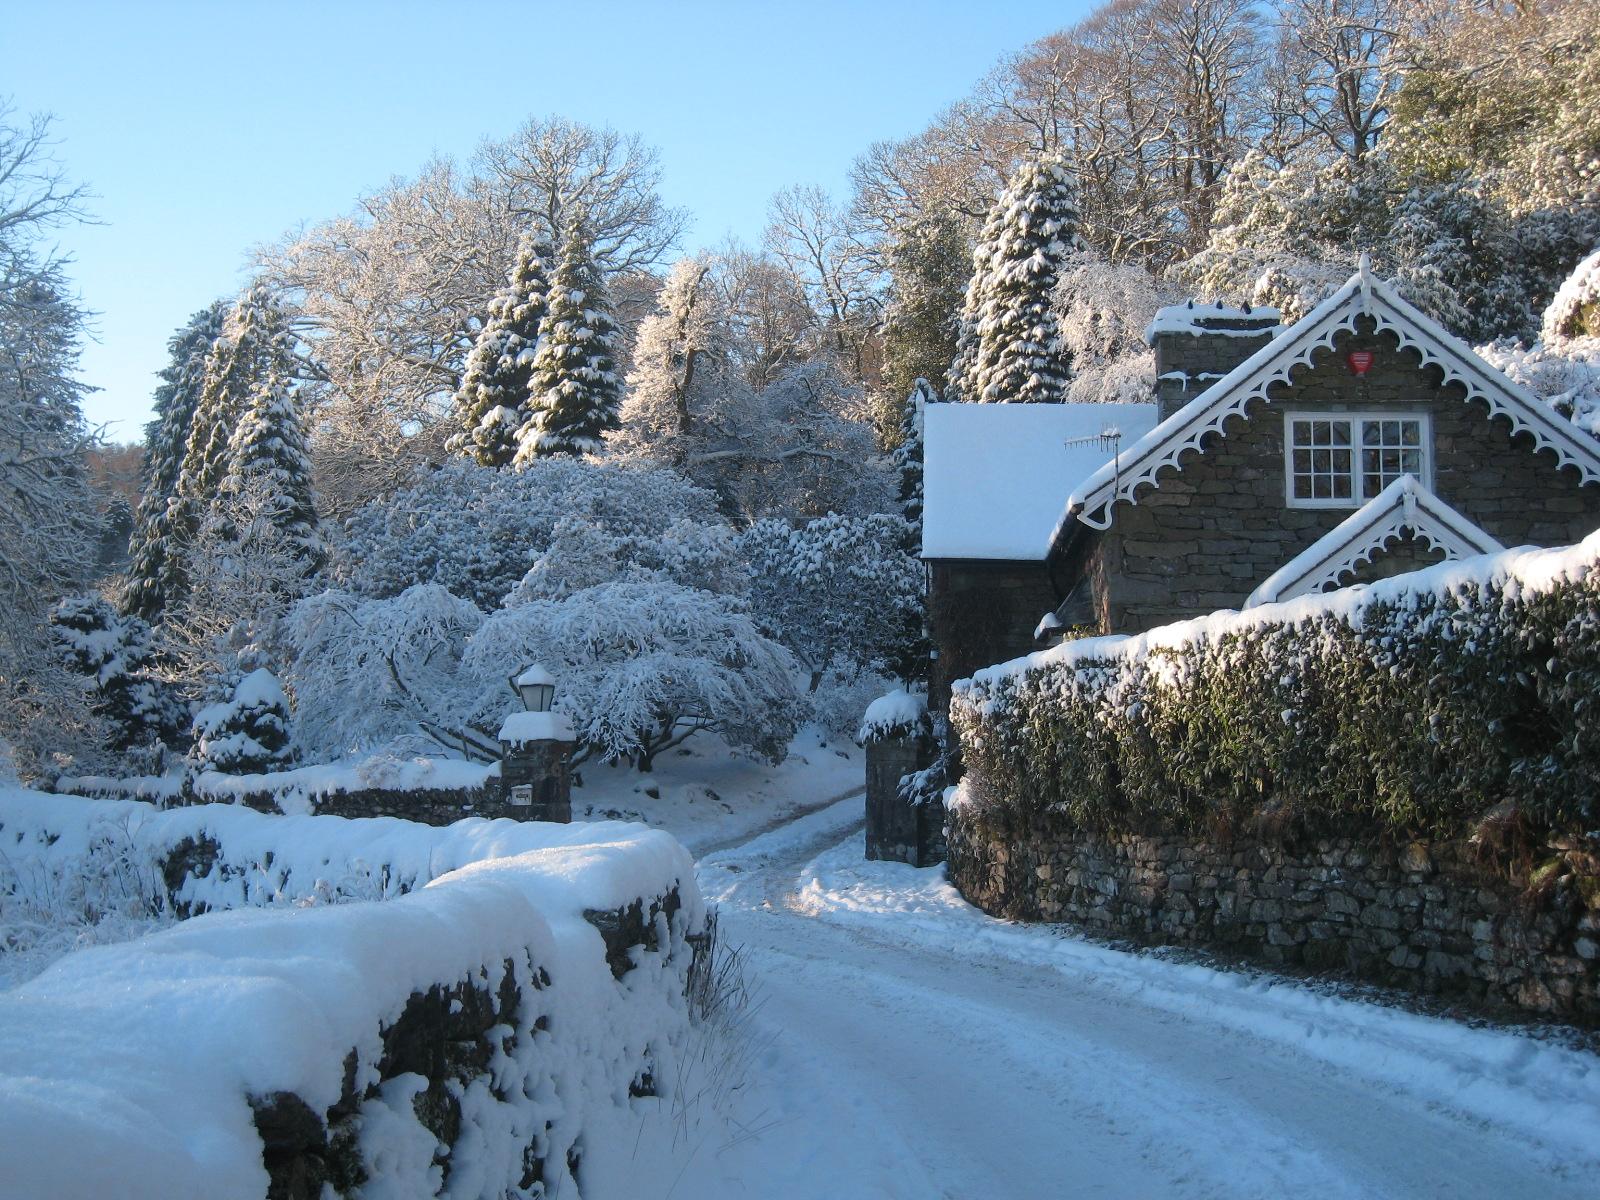 Faeryland Grasmere Village English Lake District